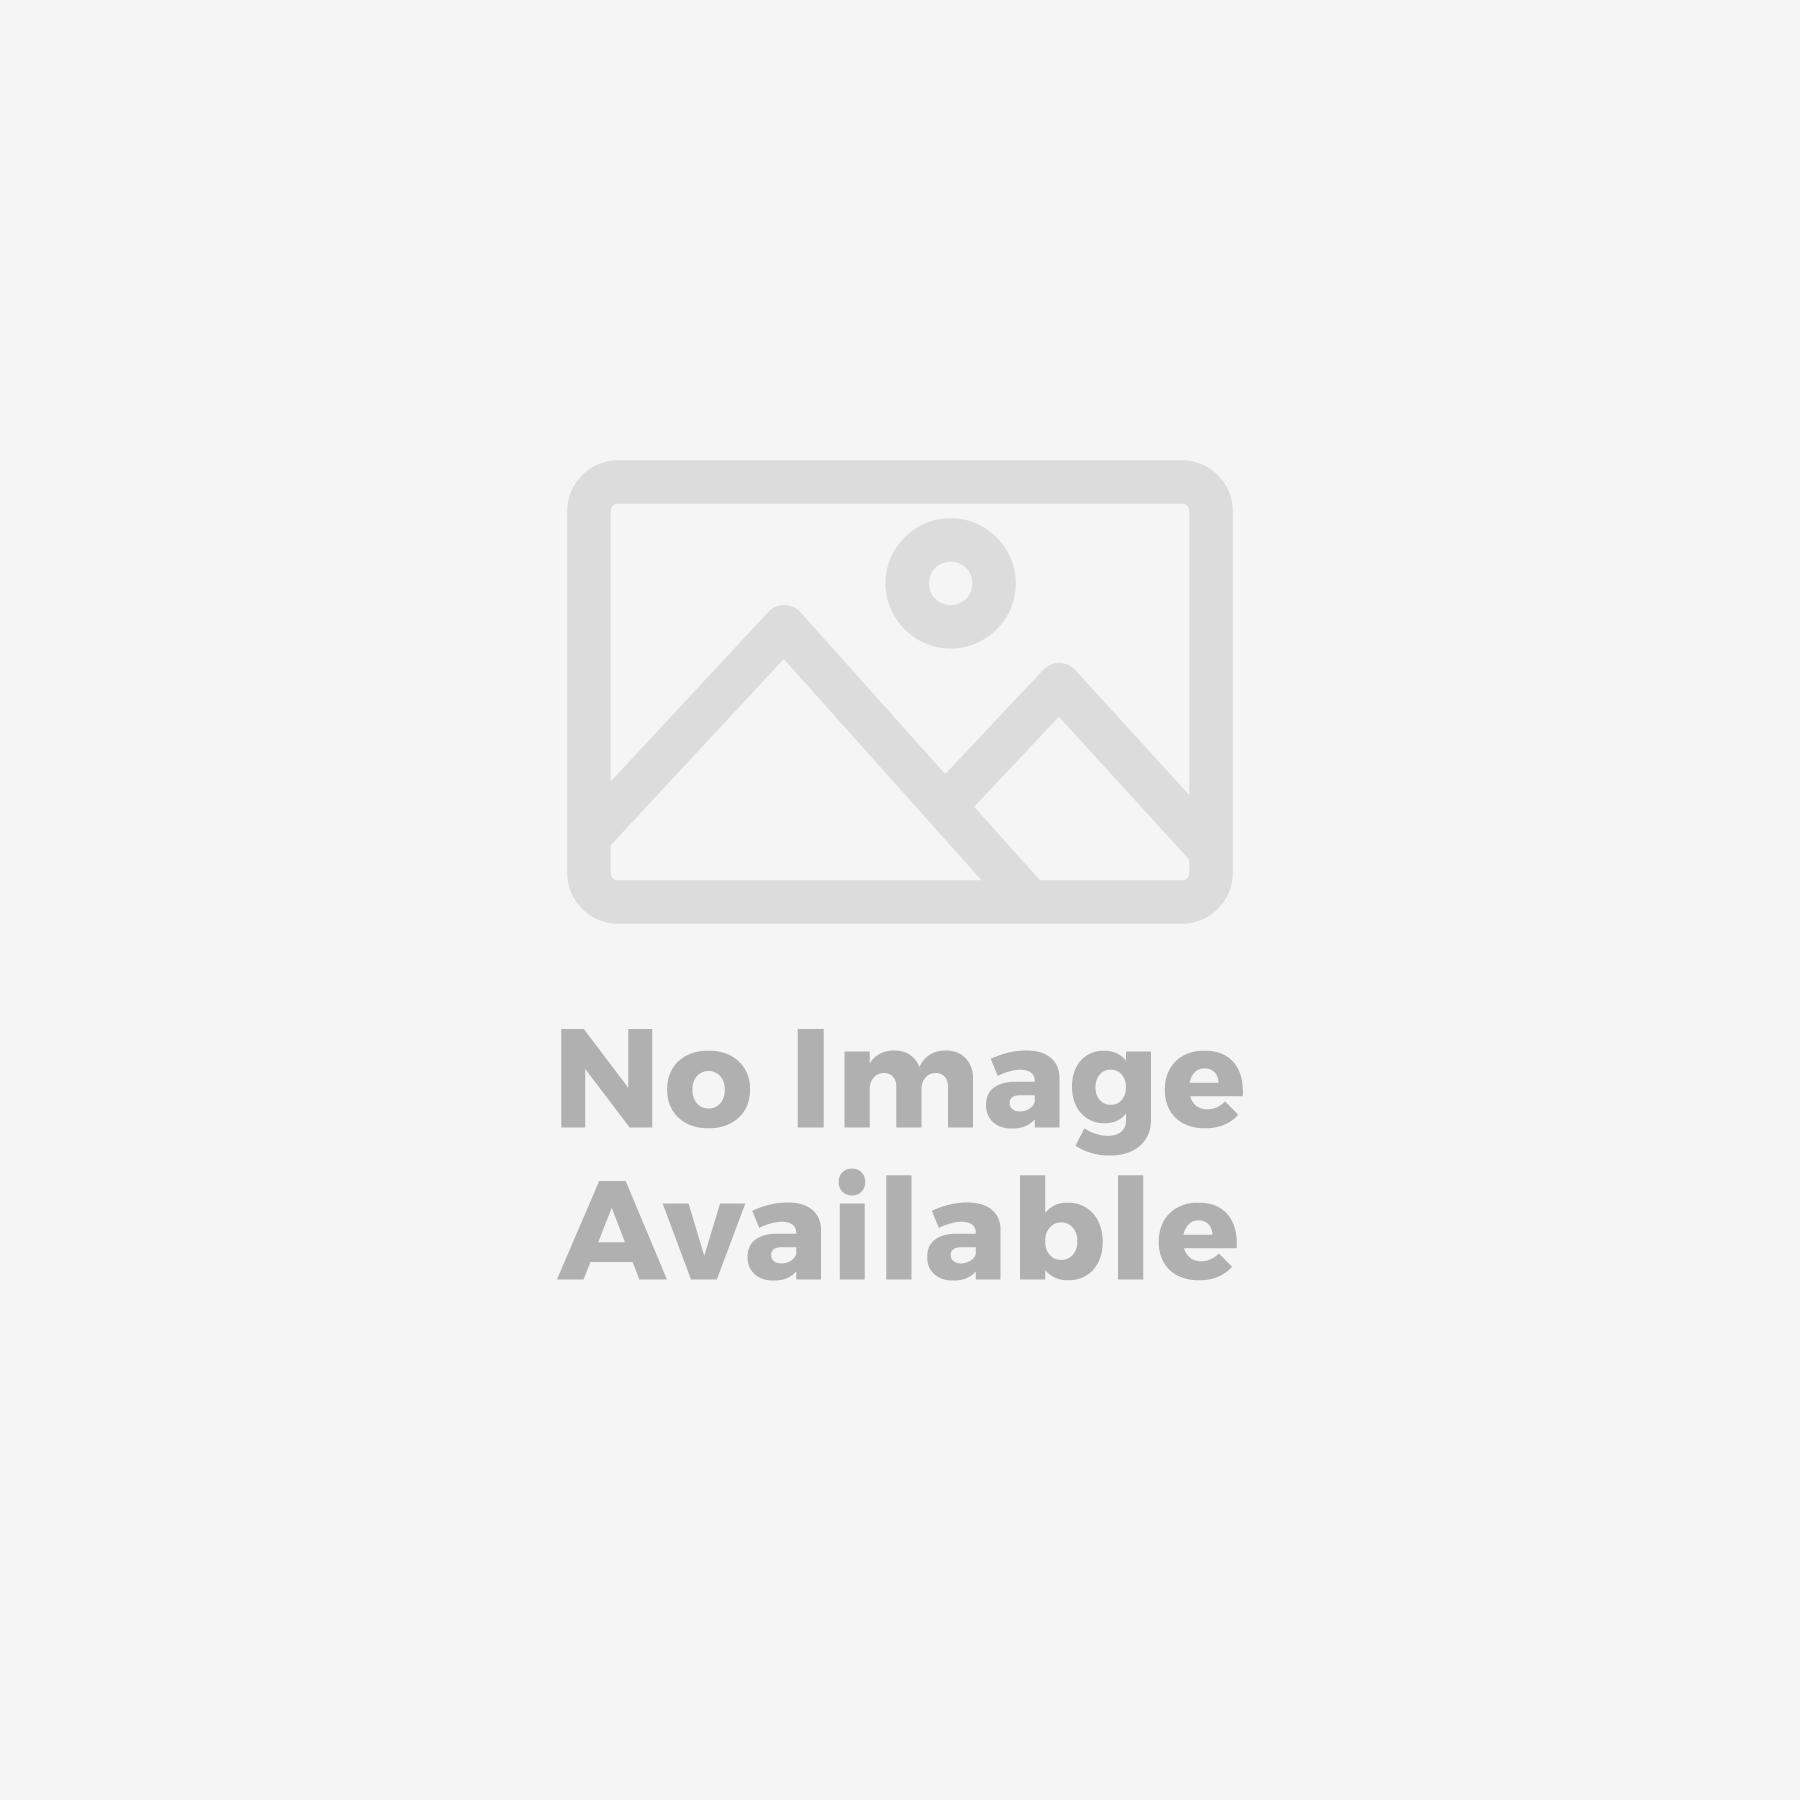 """TREVI 12.5"""" WHITE RECTANGULAR PLANTER"""